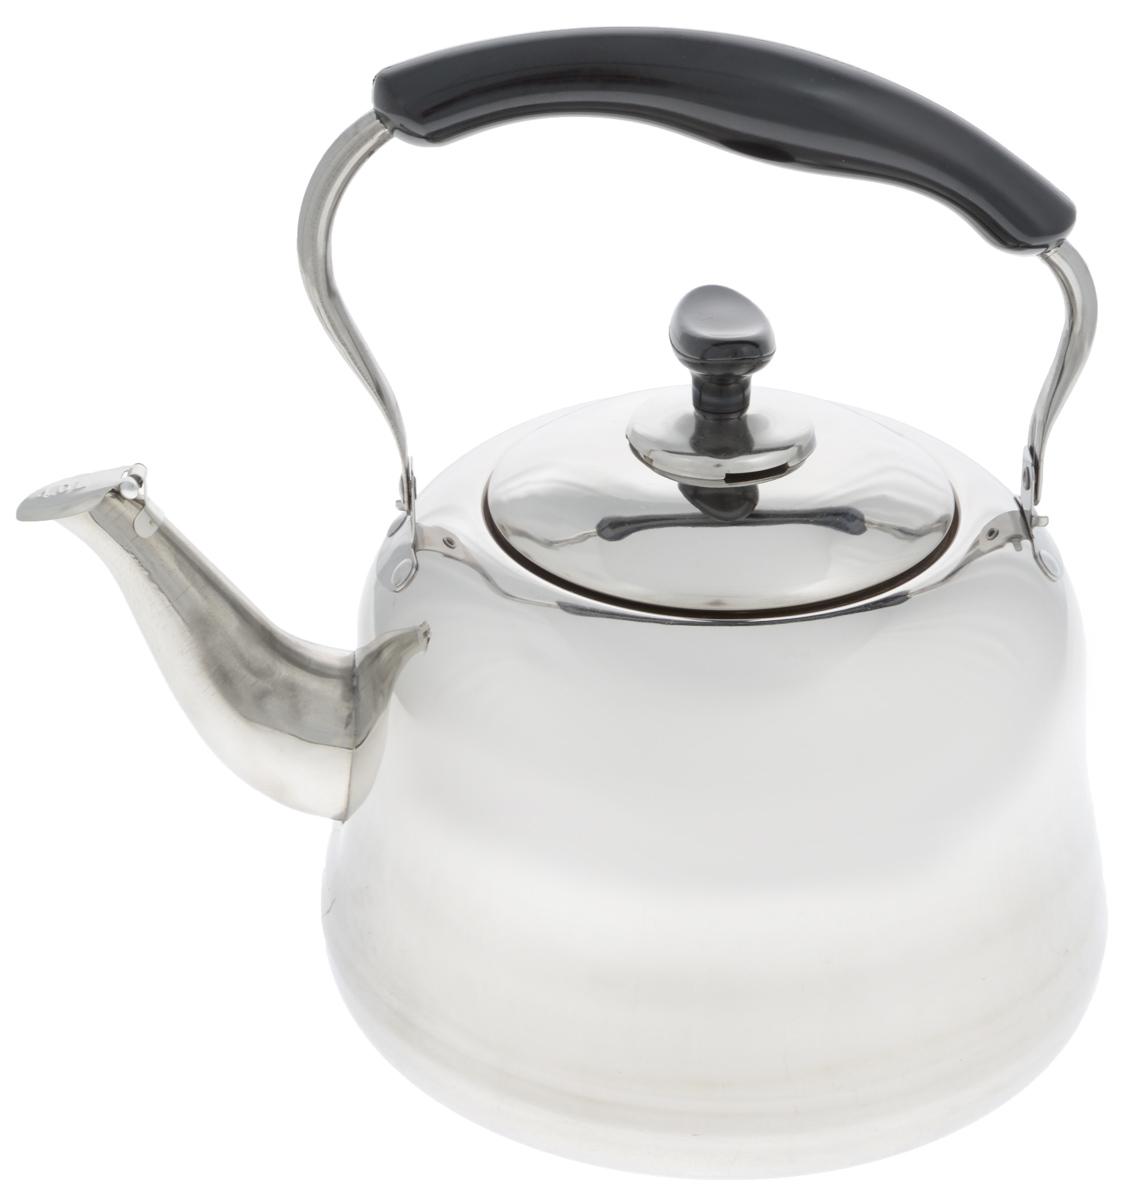 Чайник Mayer & Boch, со свистком, 4 л. 2350723507Чайник Mayer & Boch изготовлен из высококачественной нержавеющей стали. Он оснащен подвижной ручкой из стали с бакелитовой накладкой, что делает использование чайника очень удобным и безопасным. Крышка снабжена свистком, позволяя контролировать процесс подогрева или кипячения воды. Эстетичный и функциональный чайник будет оригинально смотреться в любом интерьере. Подходит для газовых, электрических и стеклокерамических плит. Можно мыть в посудомоечной машине. Высота чайника (без учета ручки и крышки): 15 см. Высота чайника (с учетом ручки и крышки): 28 см. Диаметр чайника (по верхнему краю): 12,5 см.